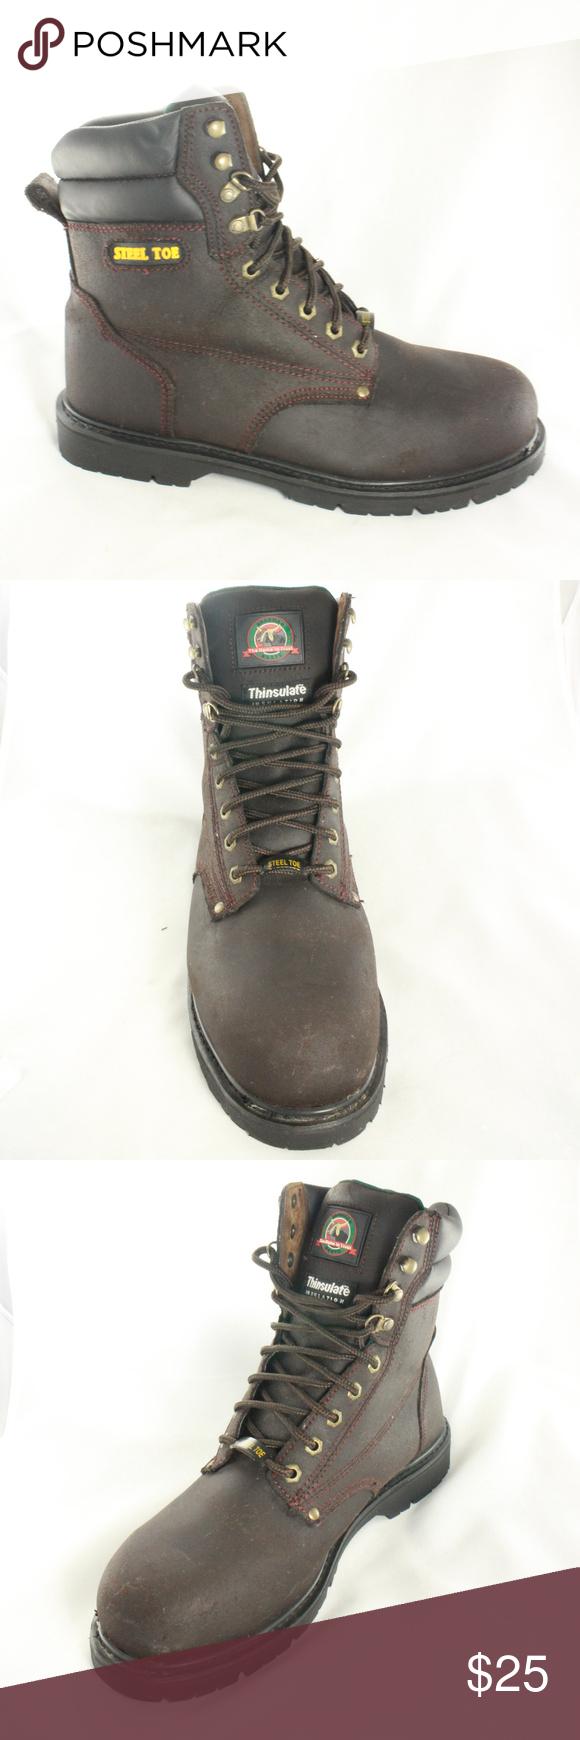 e2255c69926 NEW BRAHMA IRON TOUGH Espresso Steel Toe Work Boot Super clean all ...